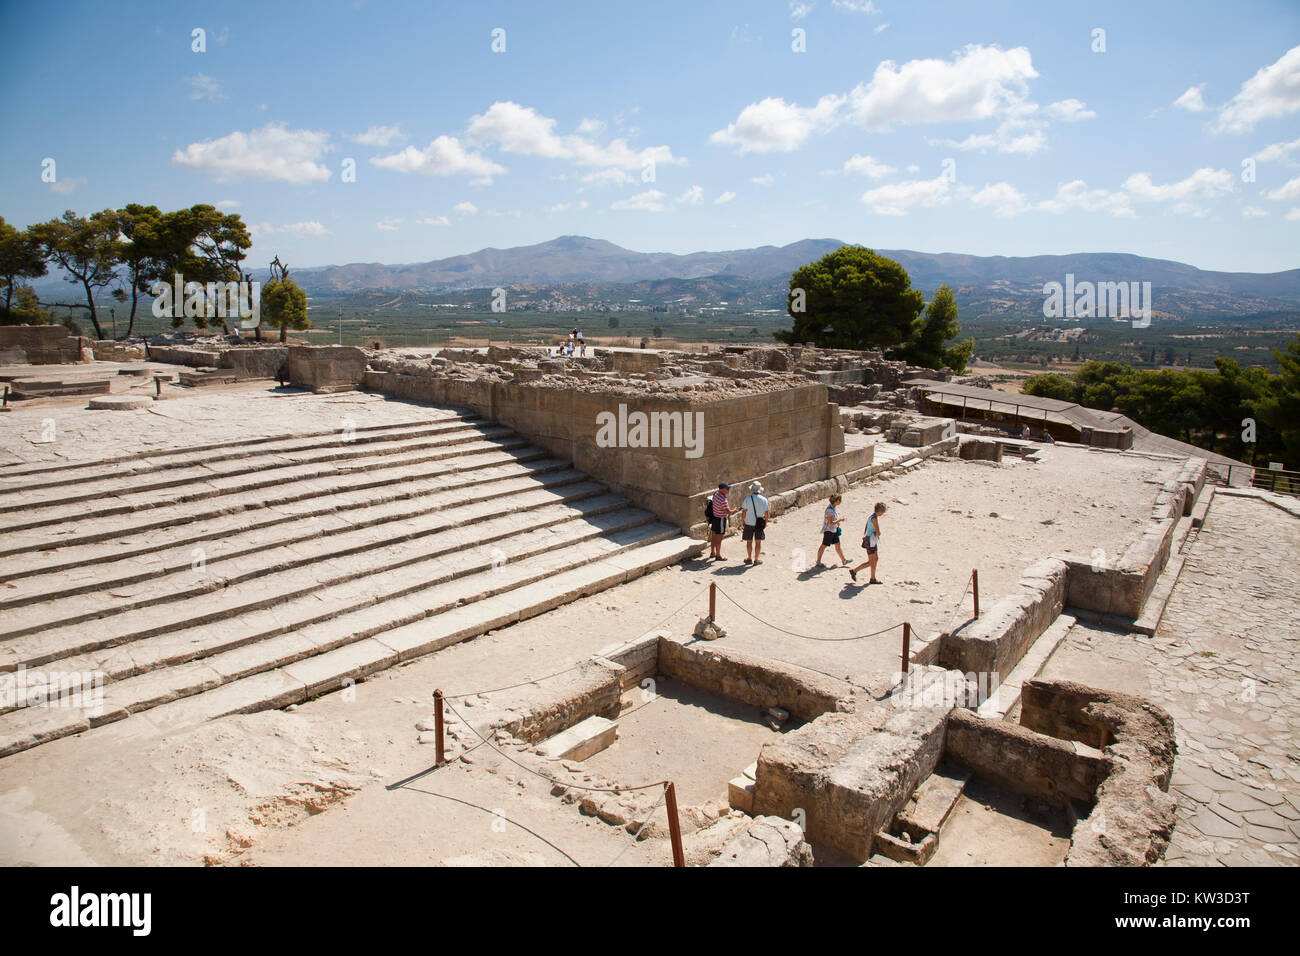 West Propylaea, Festos, archeological area, Crete island, Greece, Europe - Stock Image